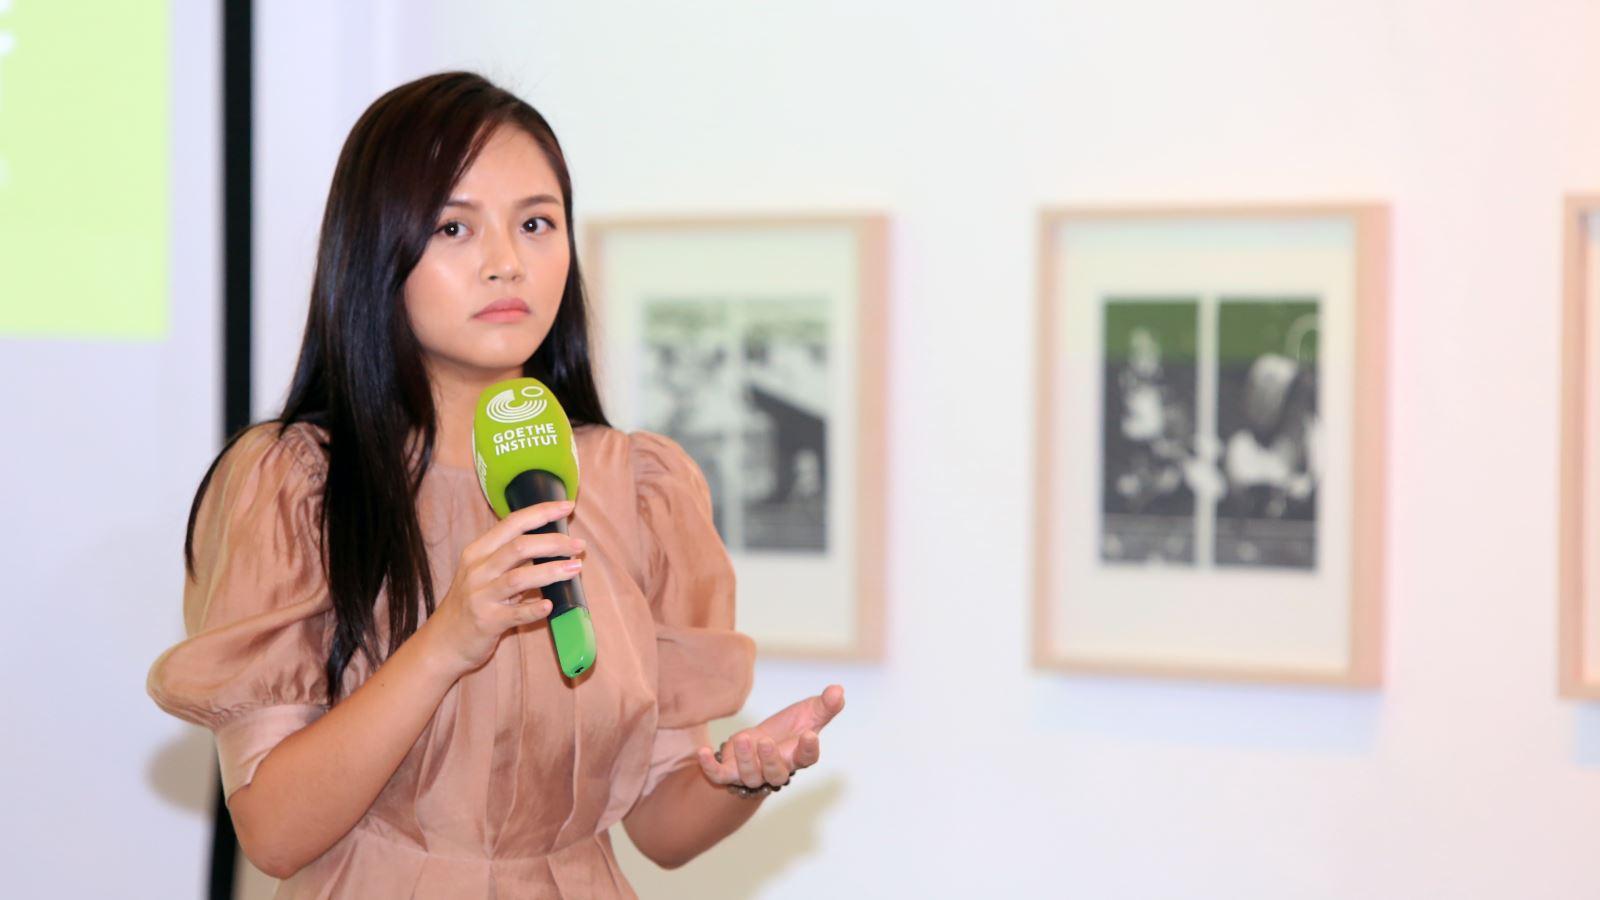 Diễn viên Thu Quỳnh 'ghét' nhân vật Thúy Kiều, thích diễn vai Hoạn Thư hơn